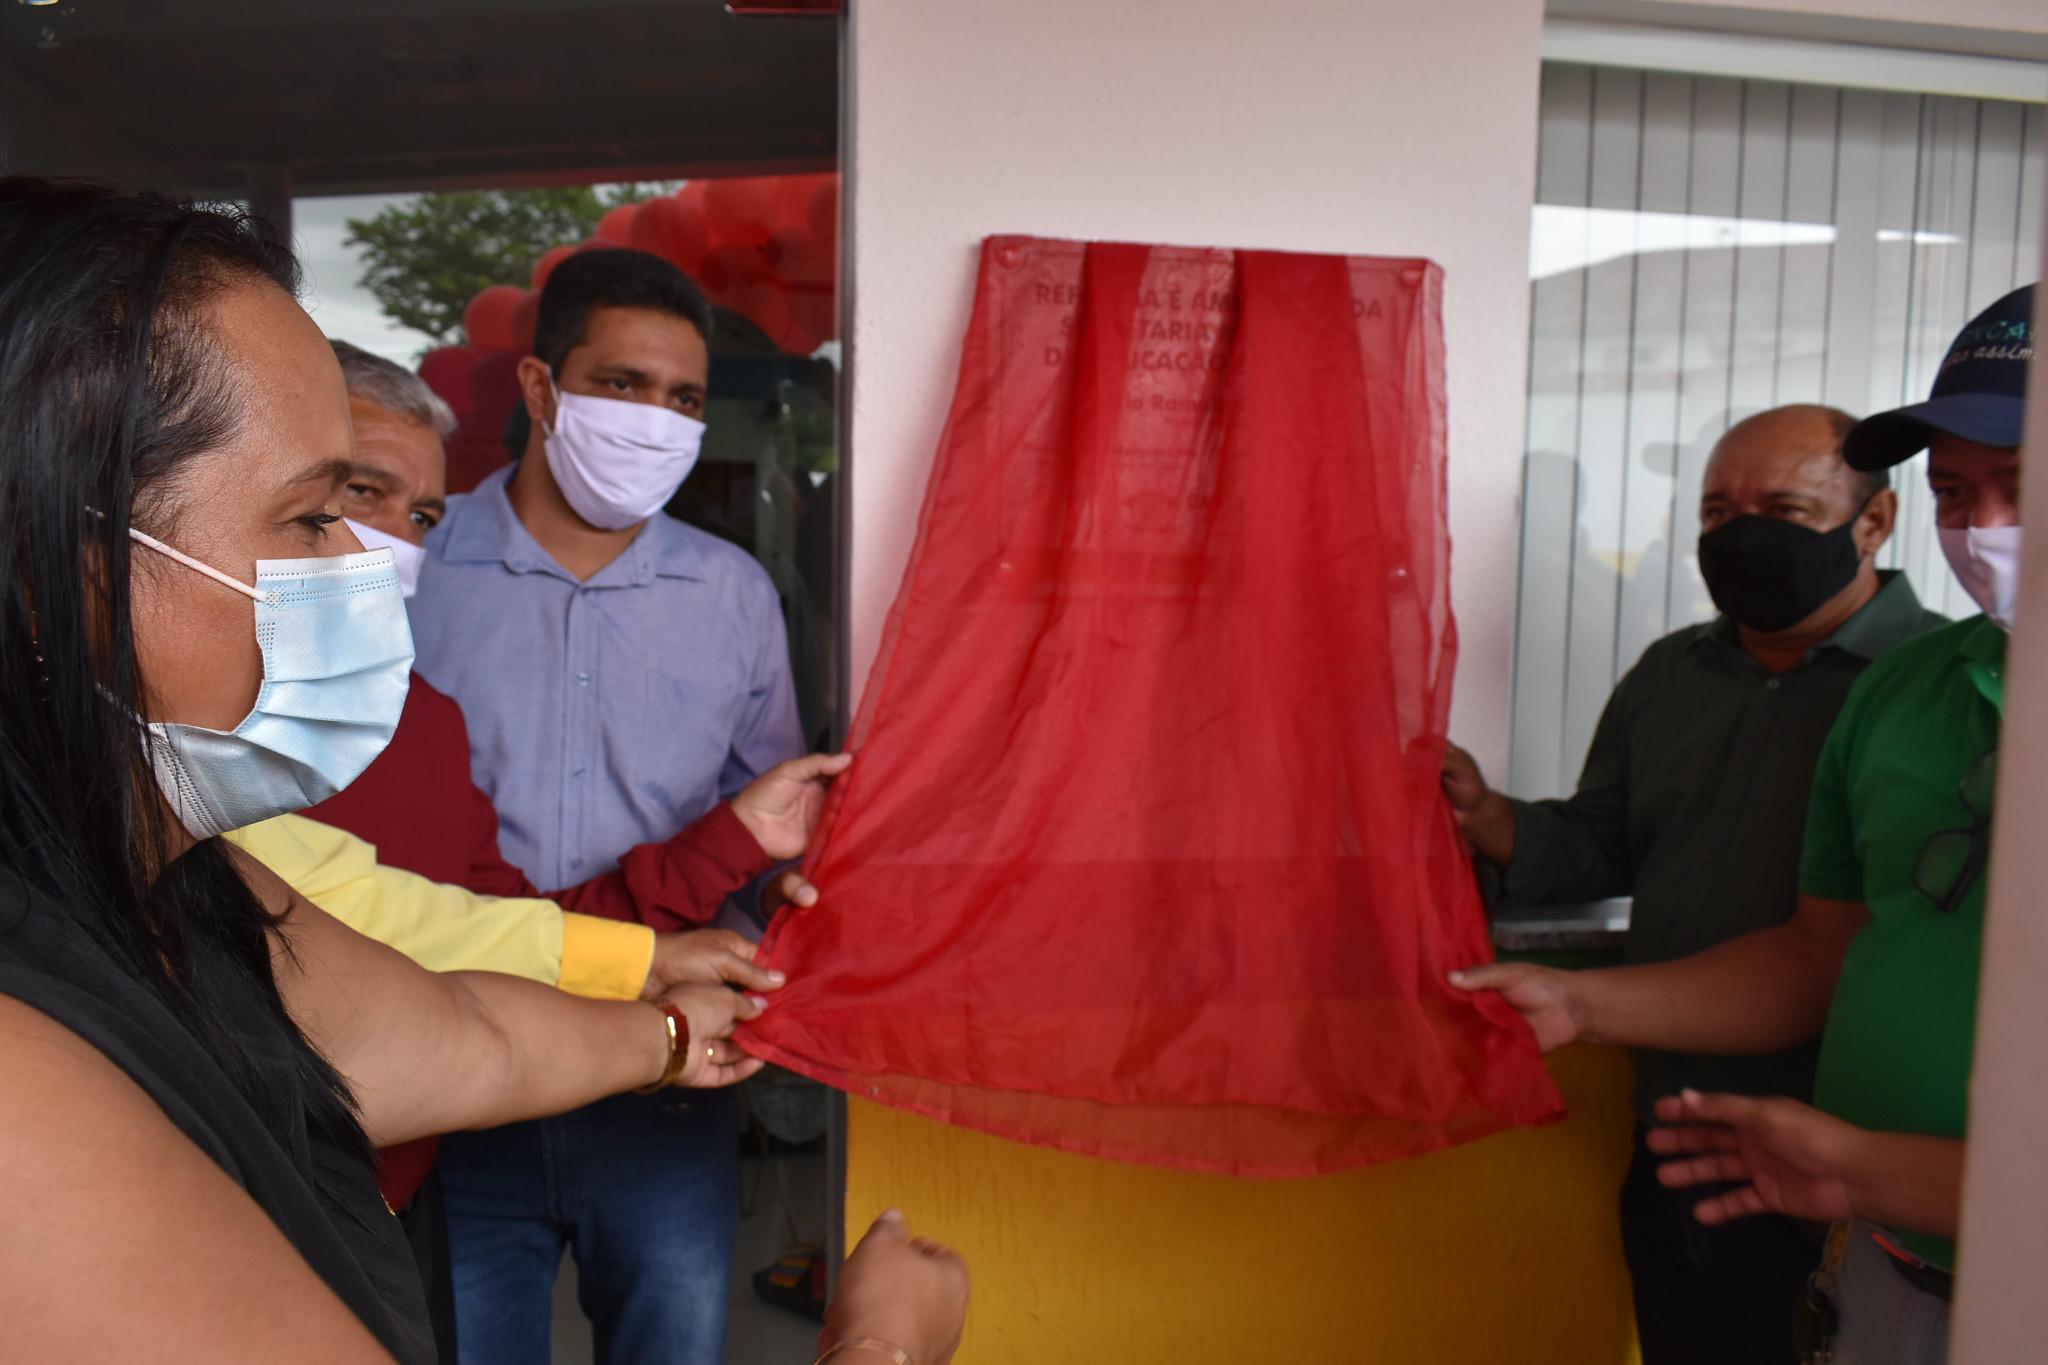 Descerramento da faixa inaugural das obras de reforma e revitalização da Secretaria de Educação de Caravelas (